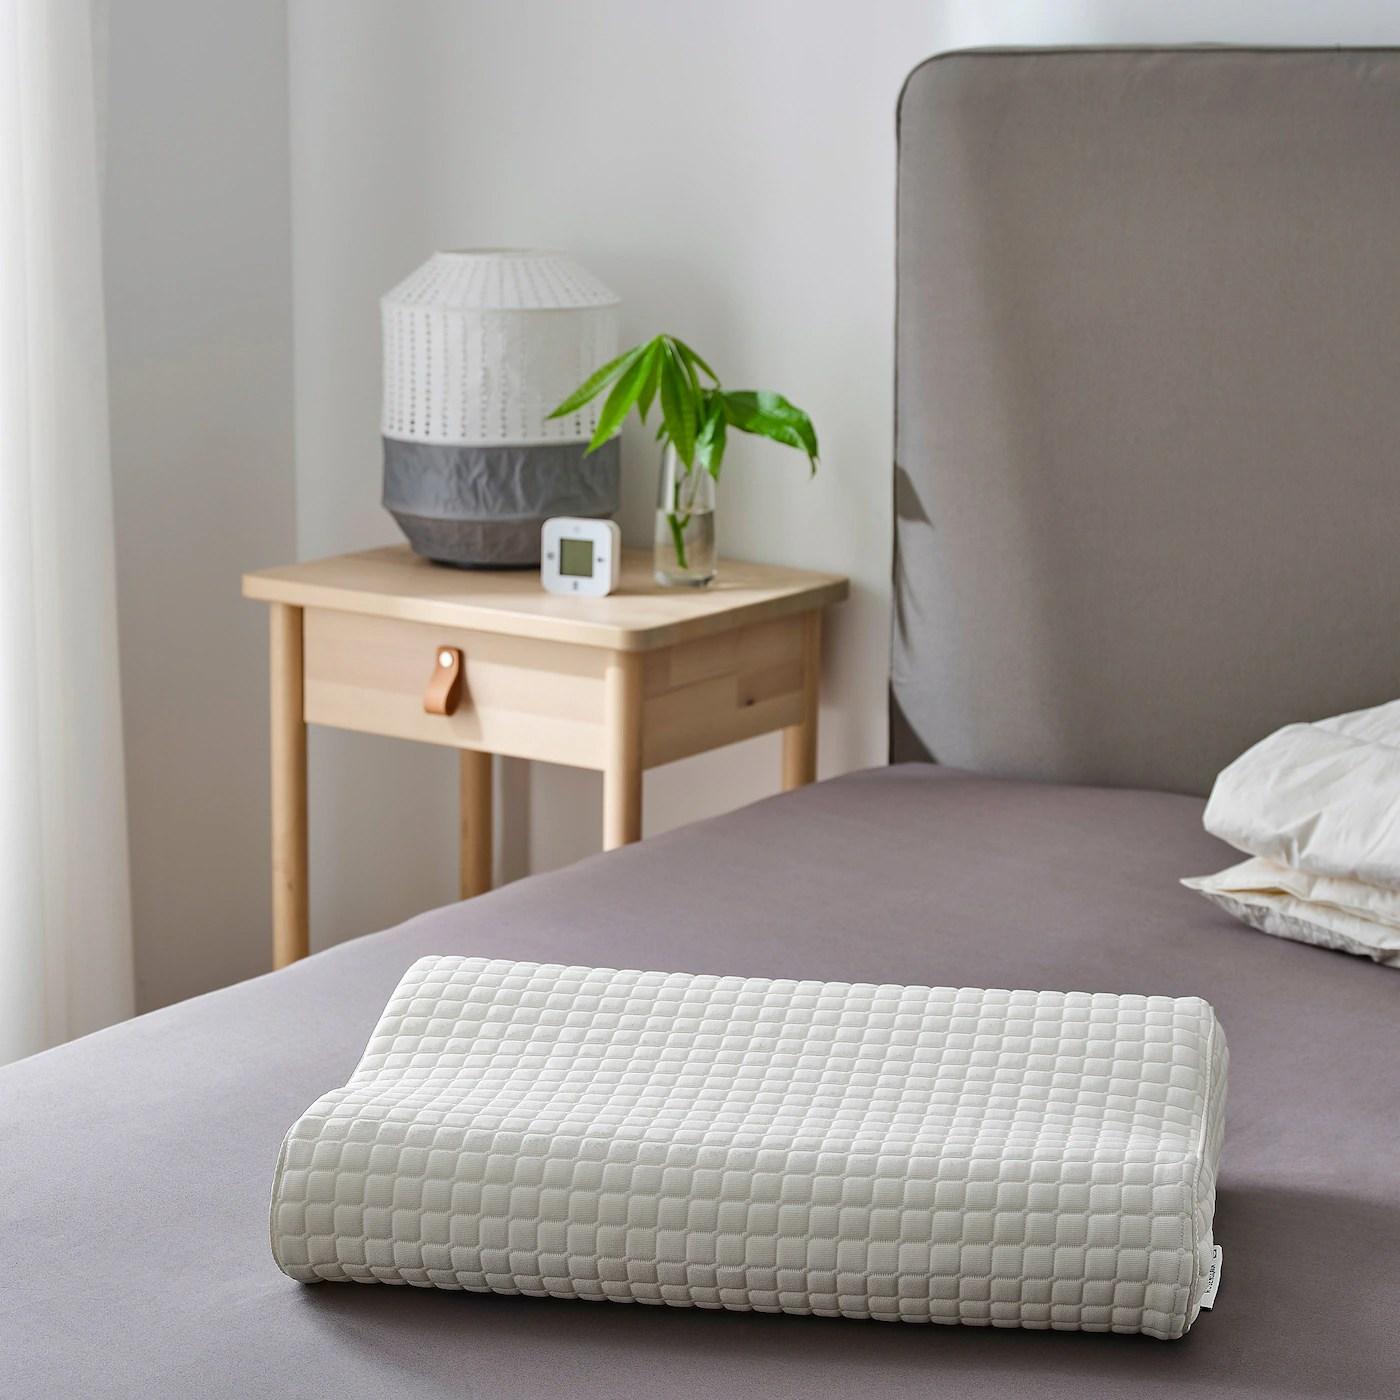 Rosenskarm Oreiller Ergonom Couchage Cote Dos 33x50 Cm Ikea